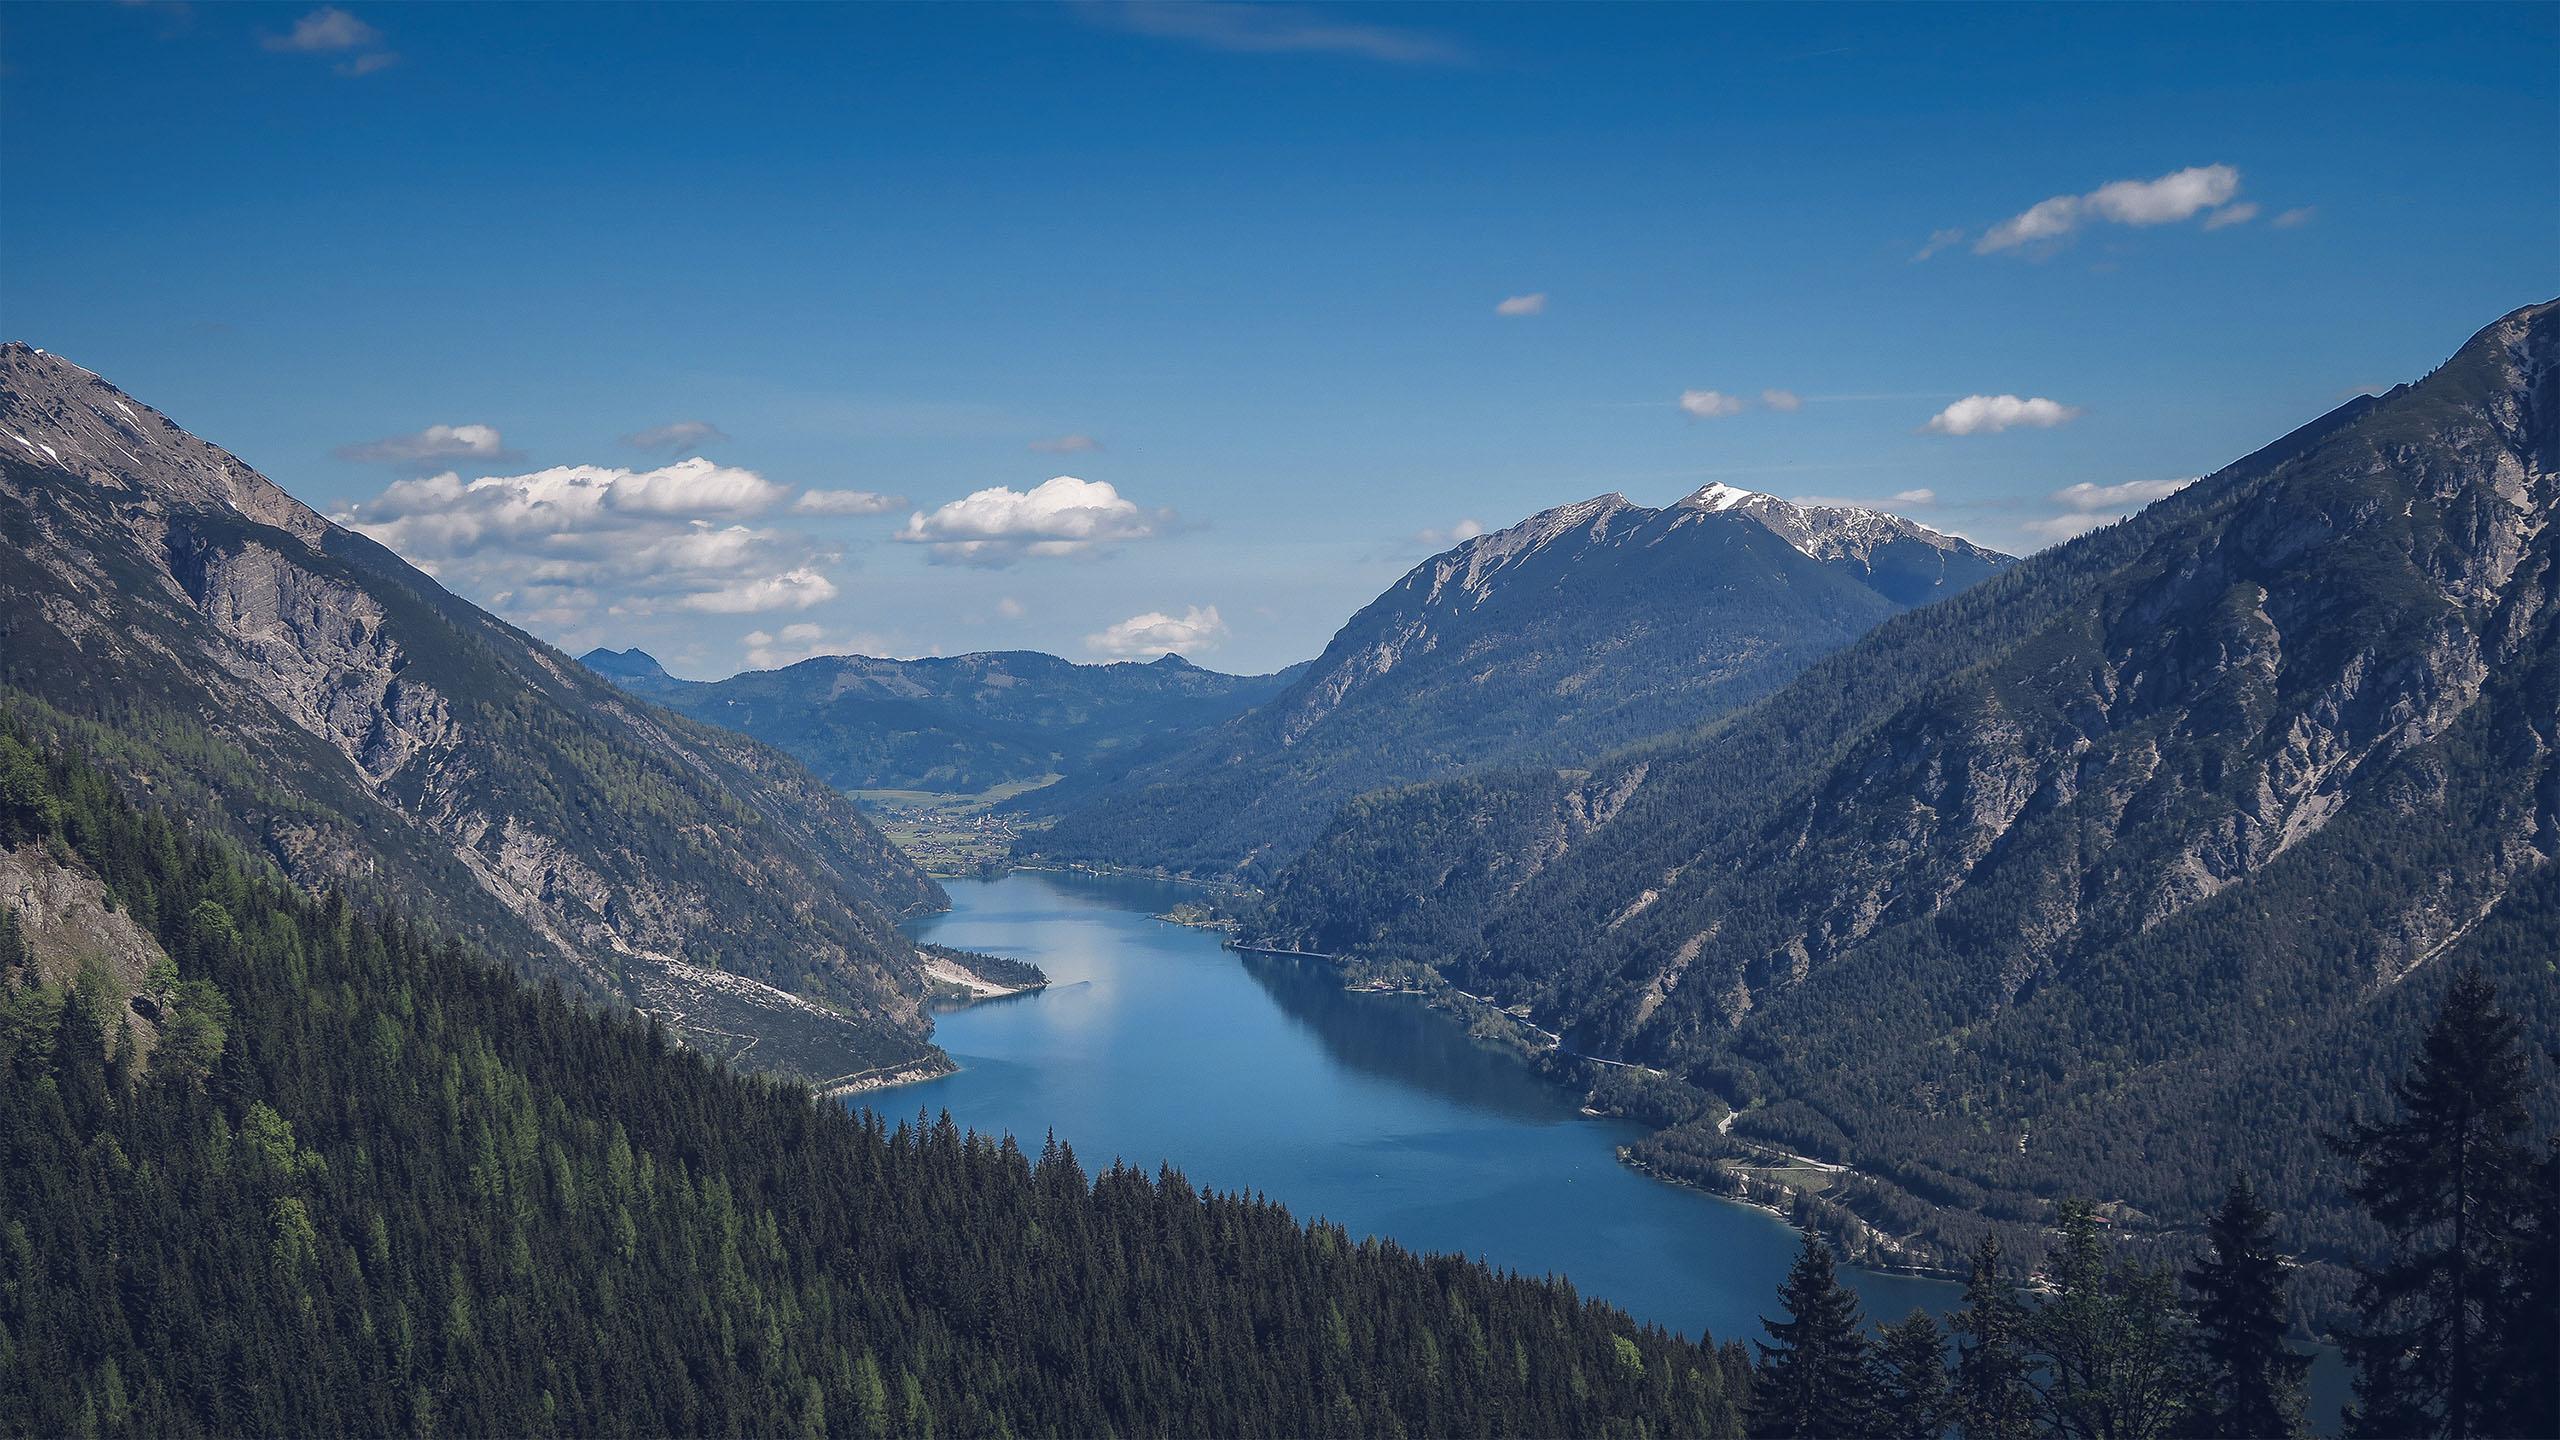 风景大片,自然风光,峡谷,大江,天空,蓝天